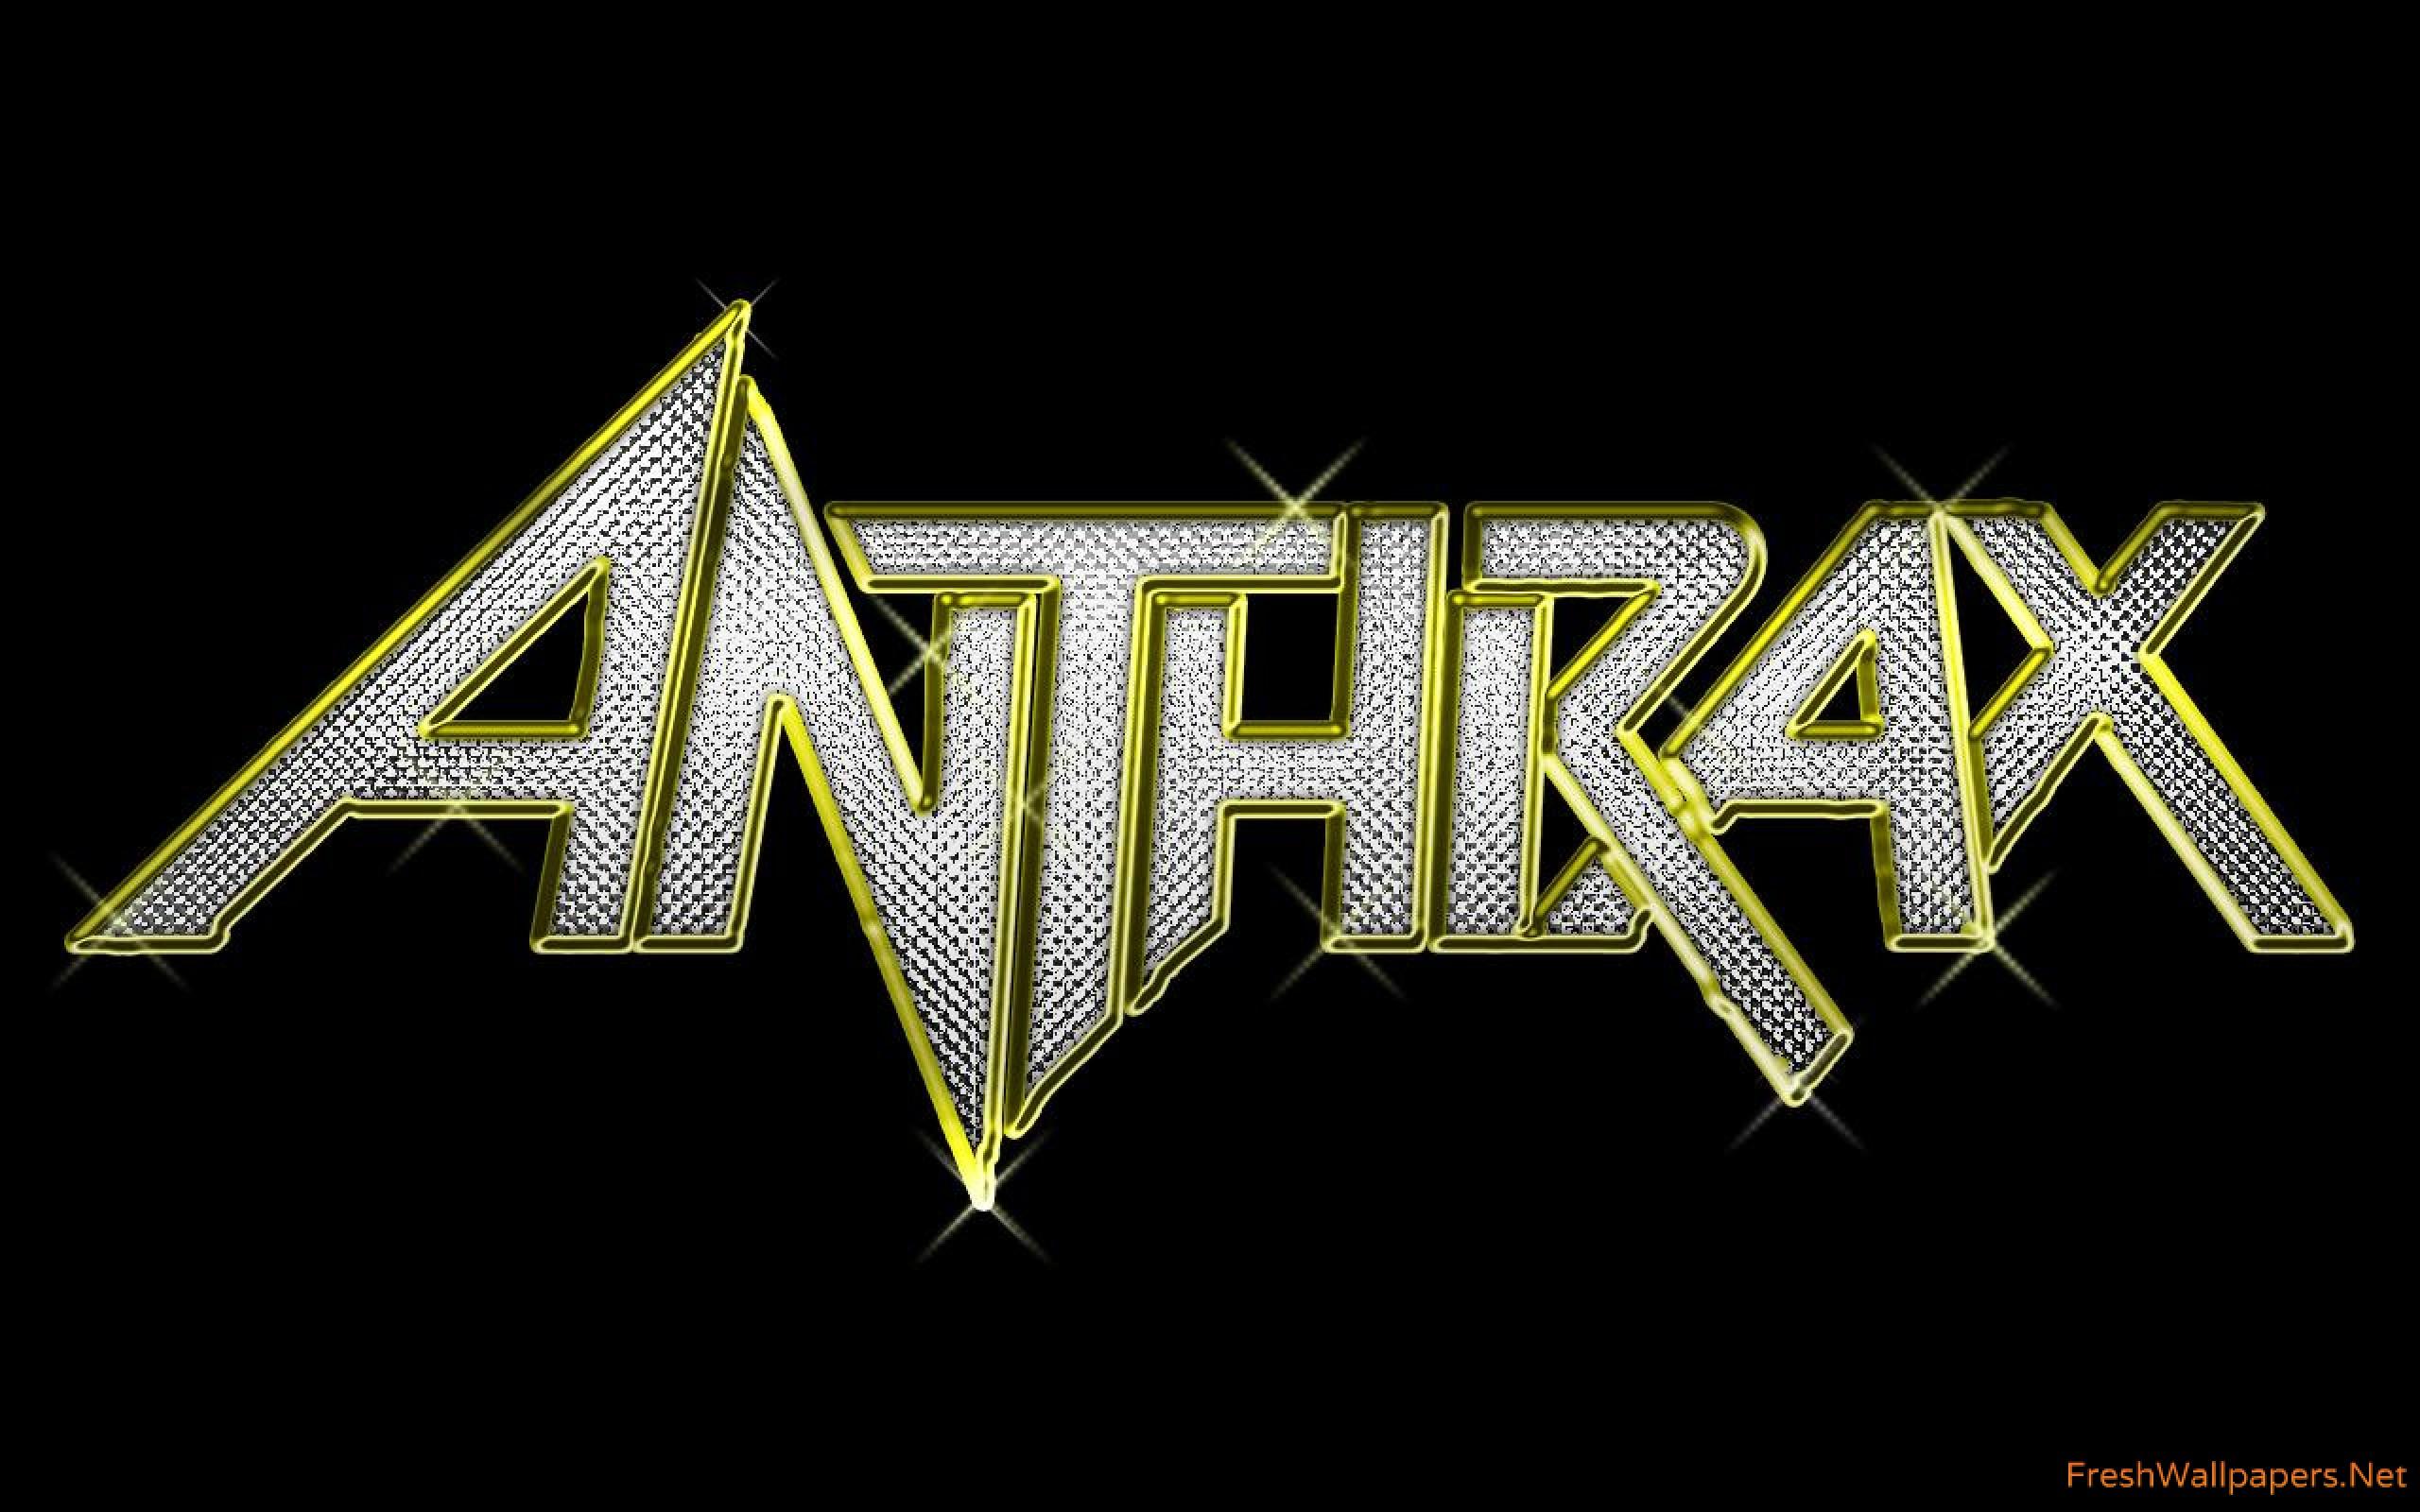 Anthrax Wallpaper 16   2560 X 1600 stmednet 2560x1600